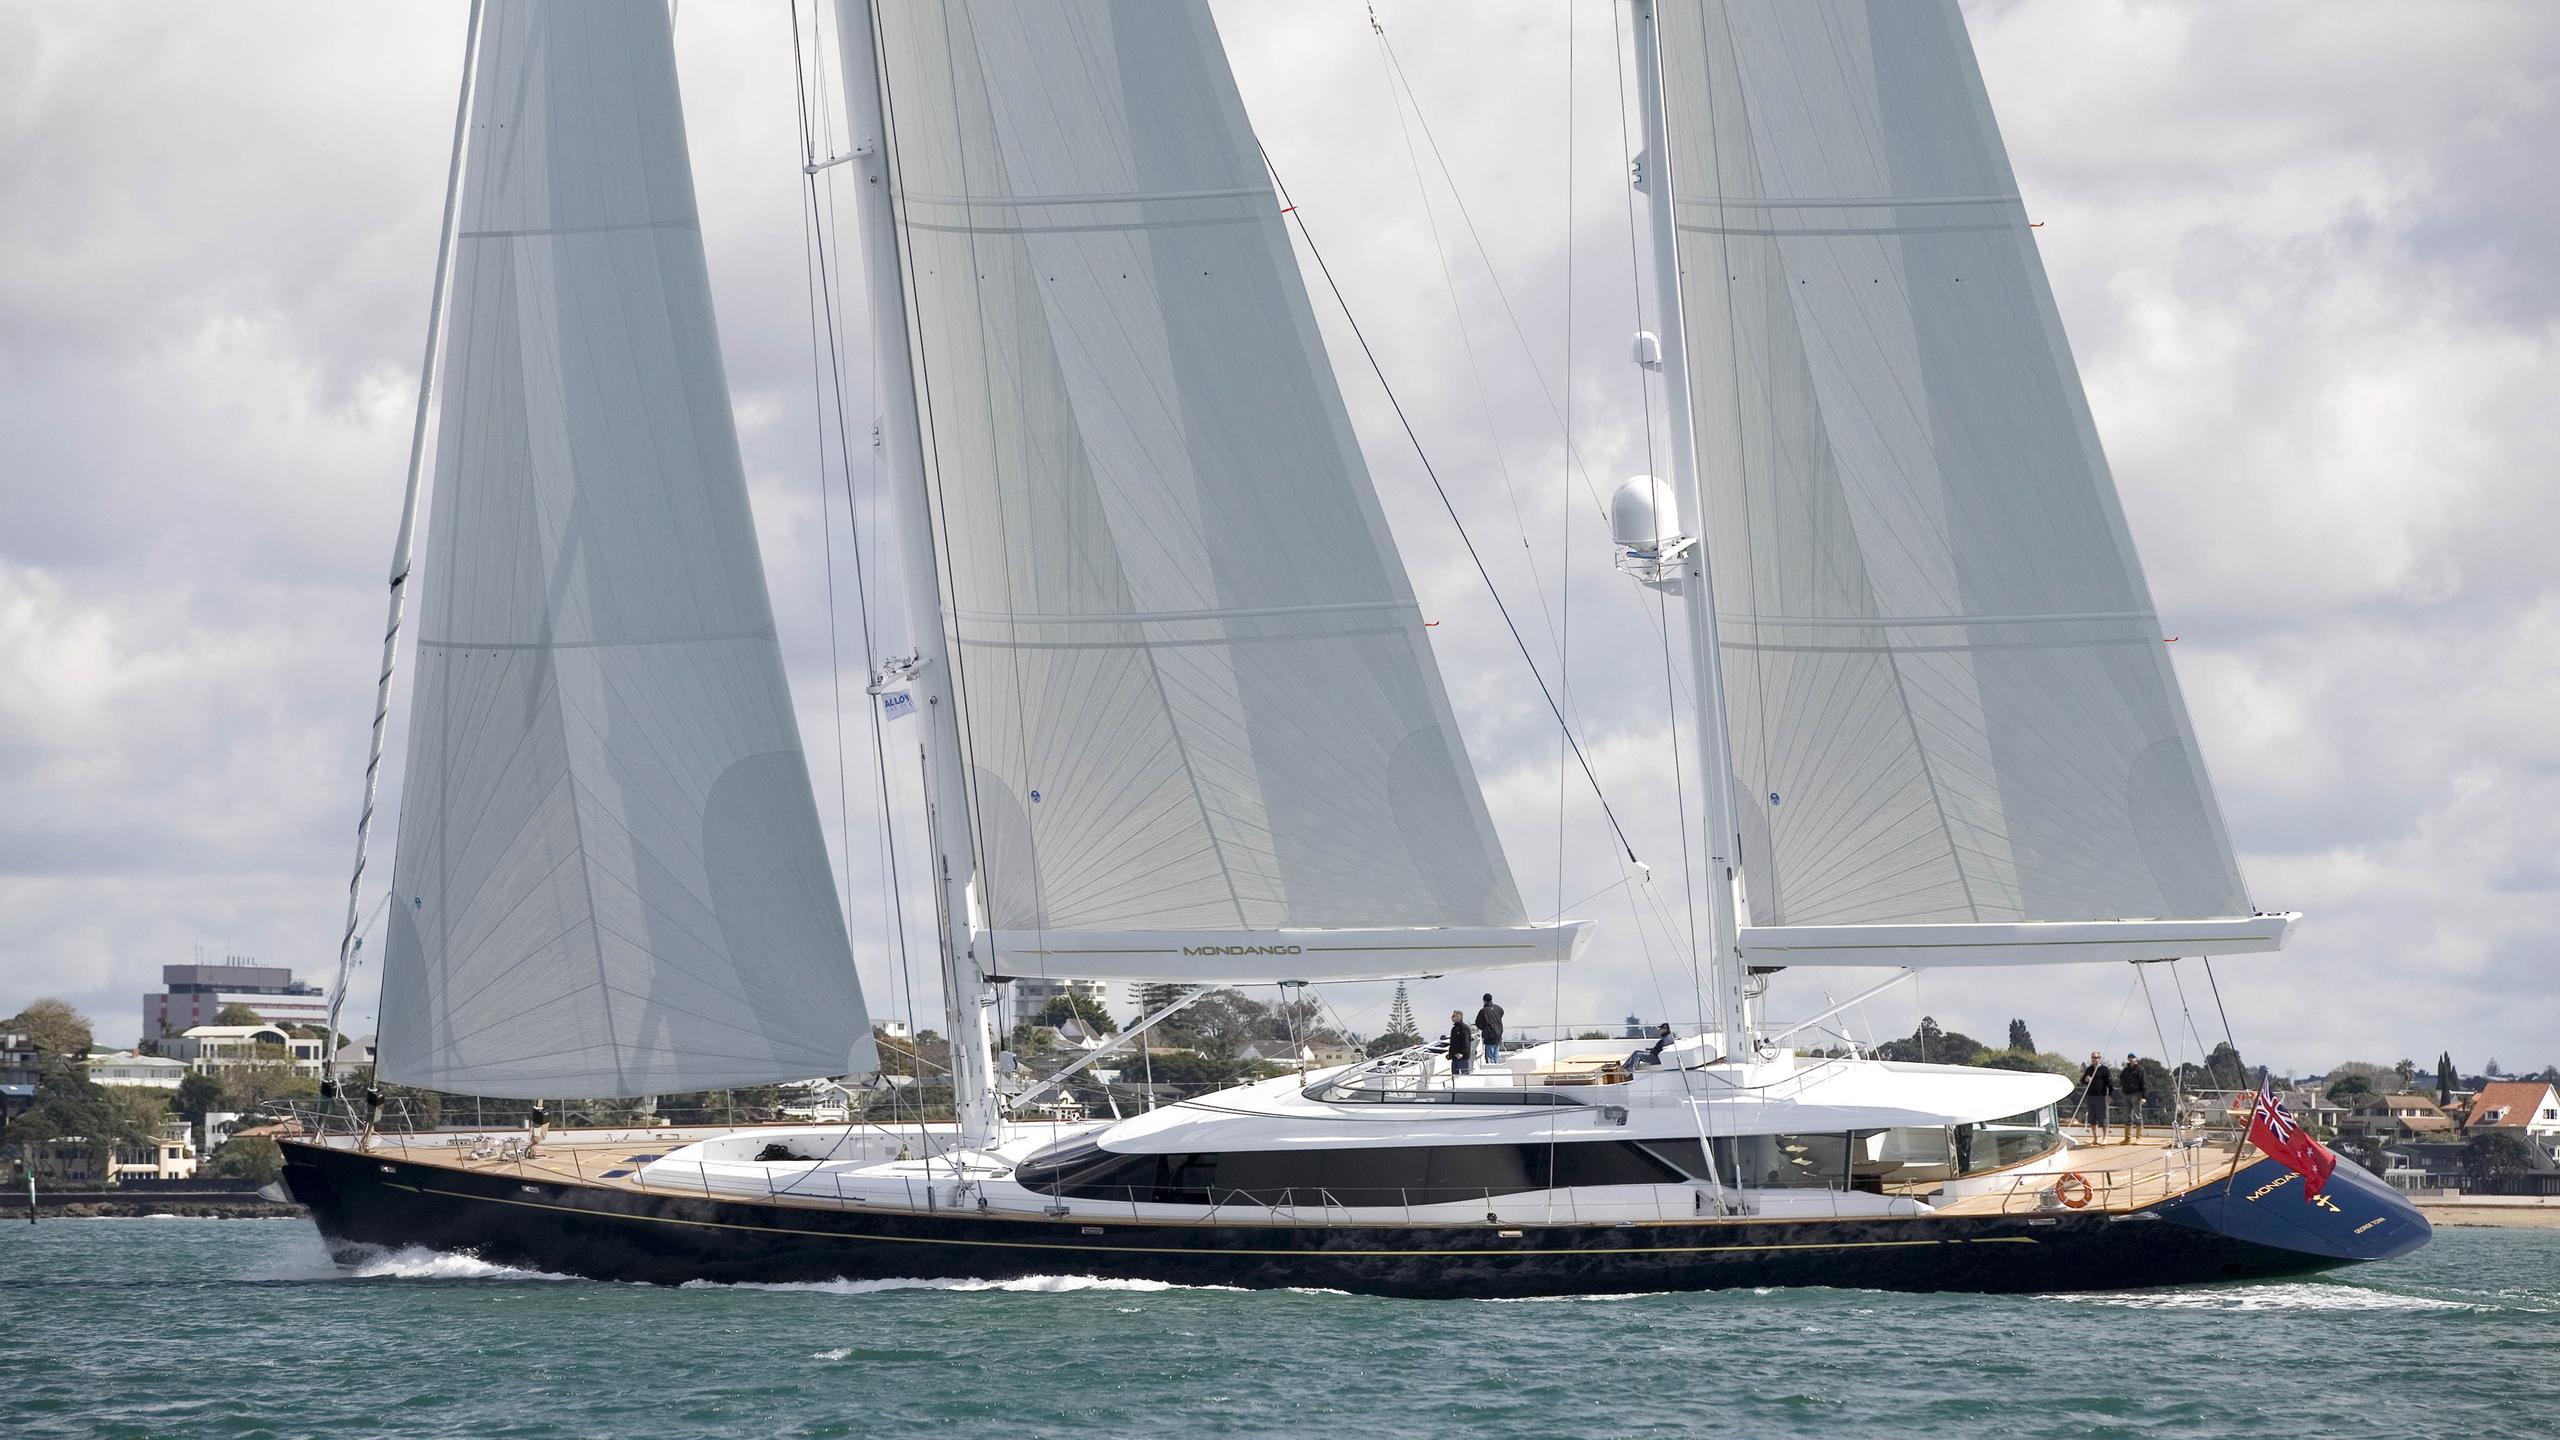 mondango-yacht-profile-sailing